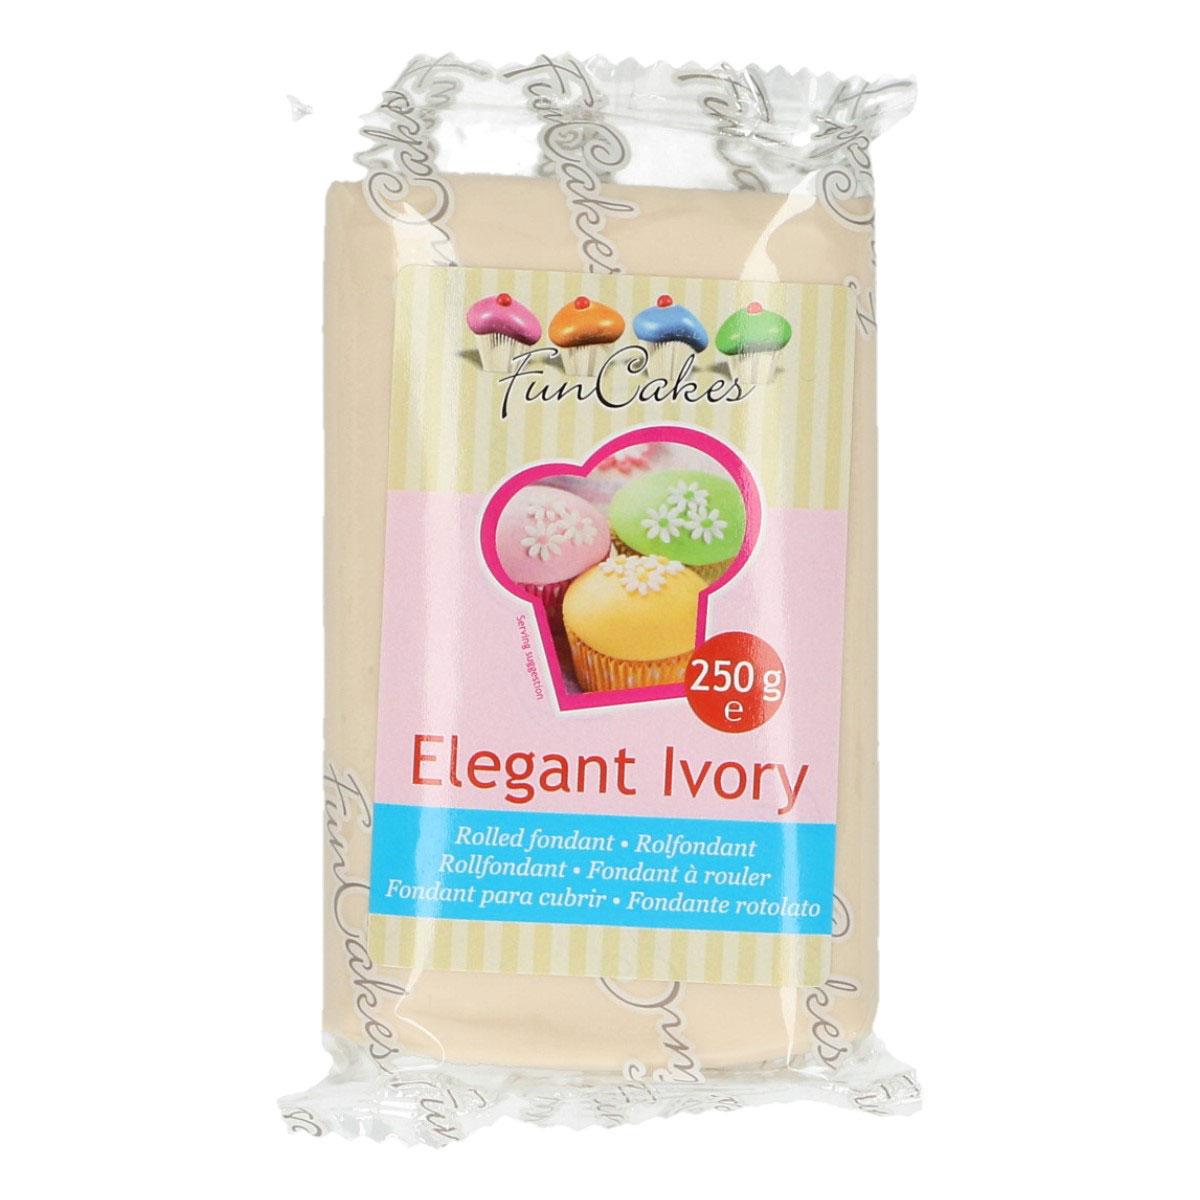 FunCakes Elegant Ivory